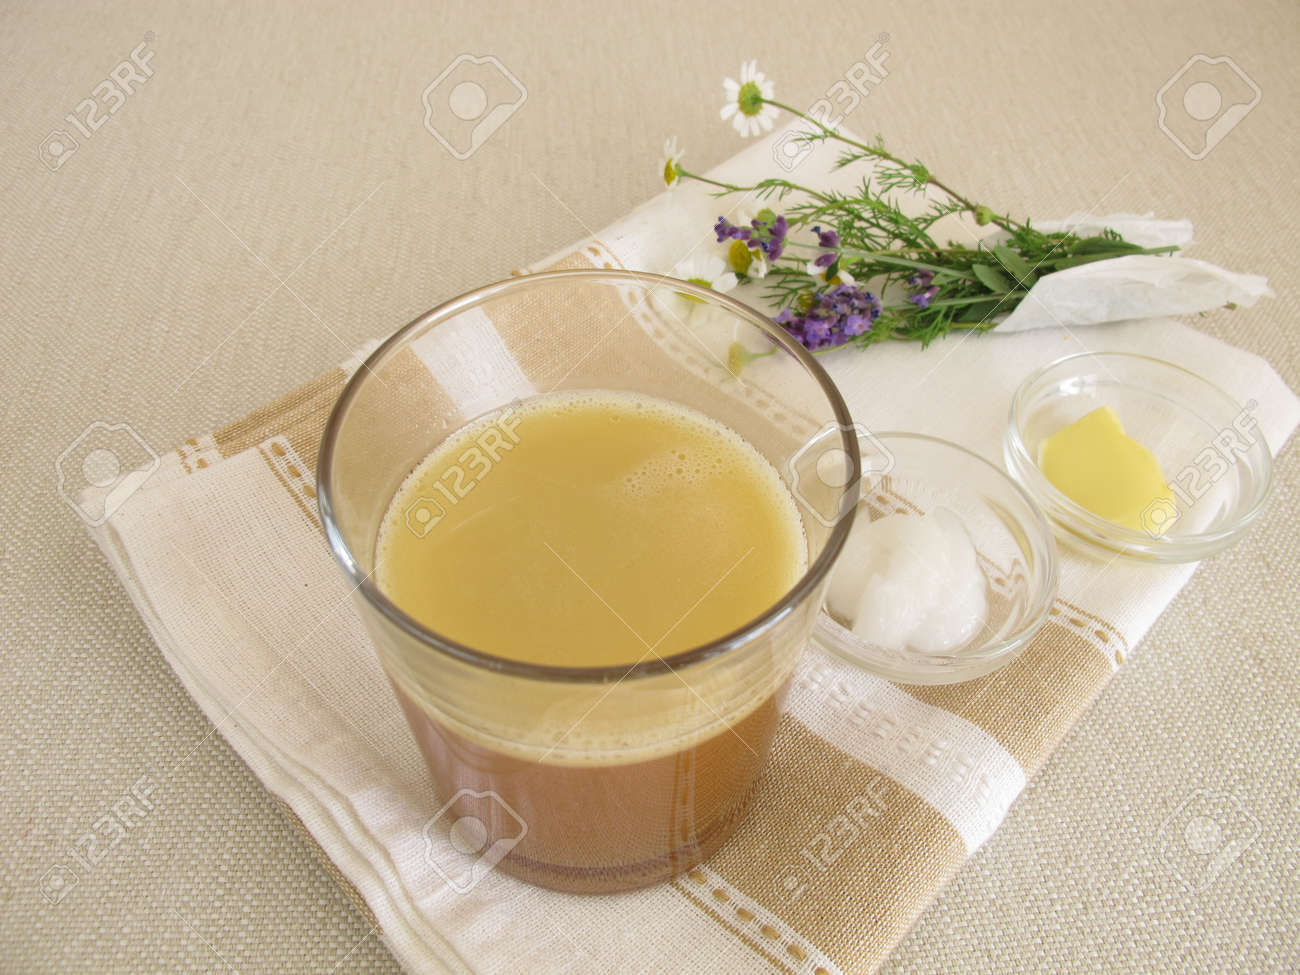 huile de noix le matin